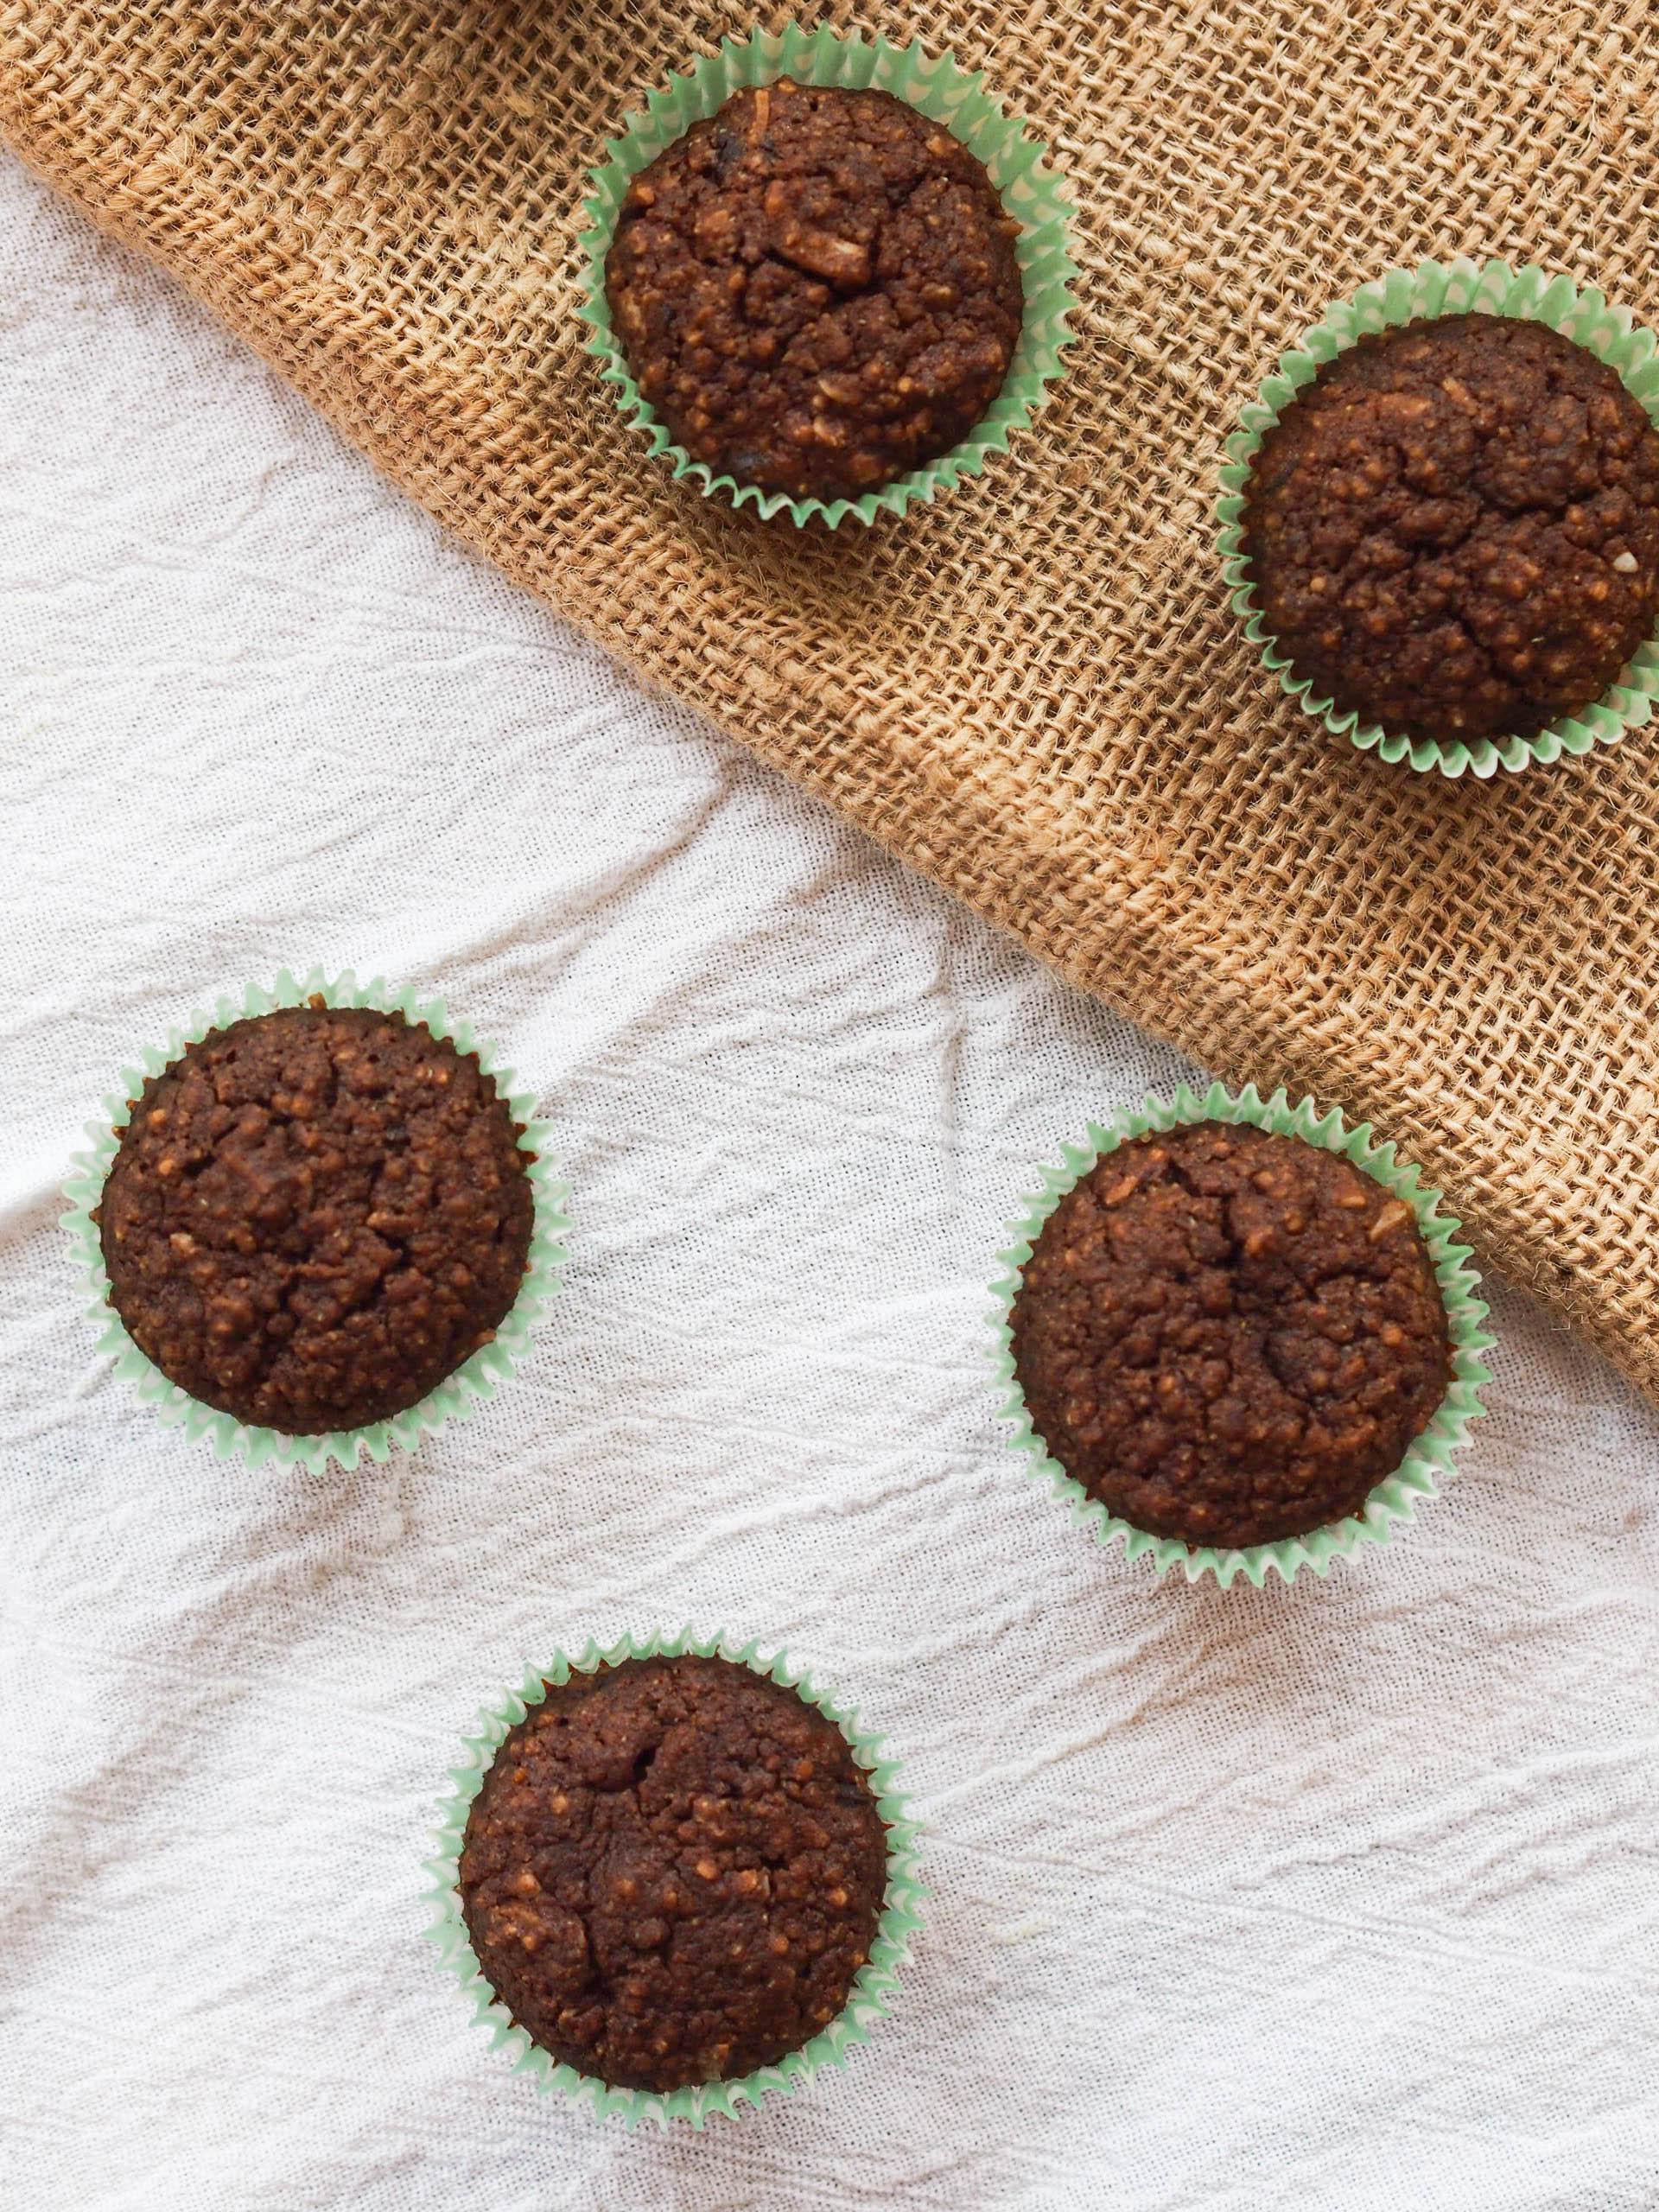 巧克力饼干让巧克力蛋糕